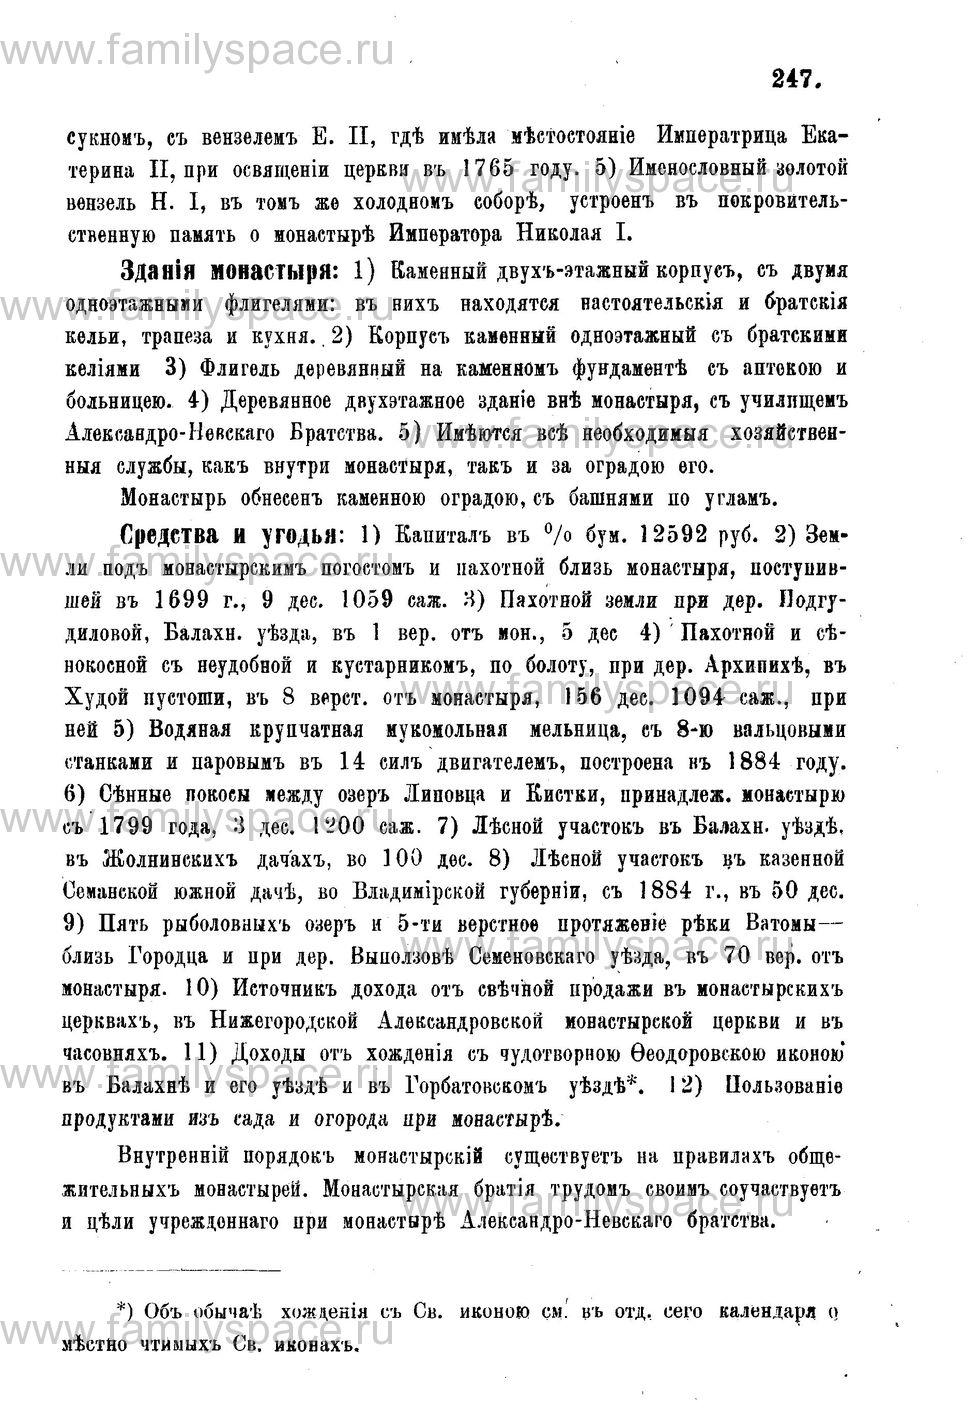 Поиск по фамилии - Адрес-календарь Нижегородской епархии на 1888 год, страница 1247